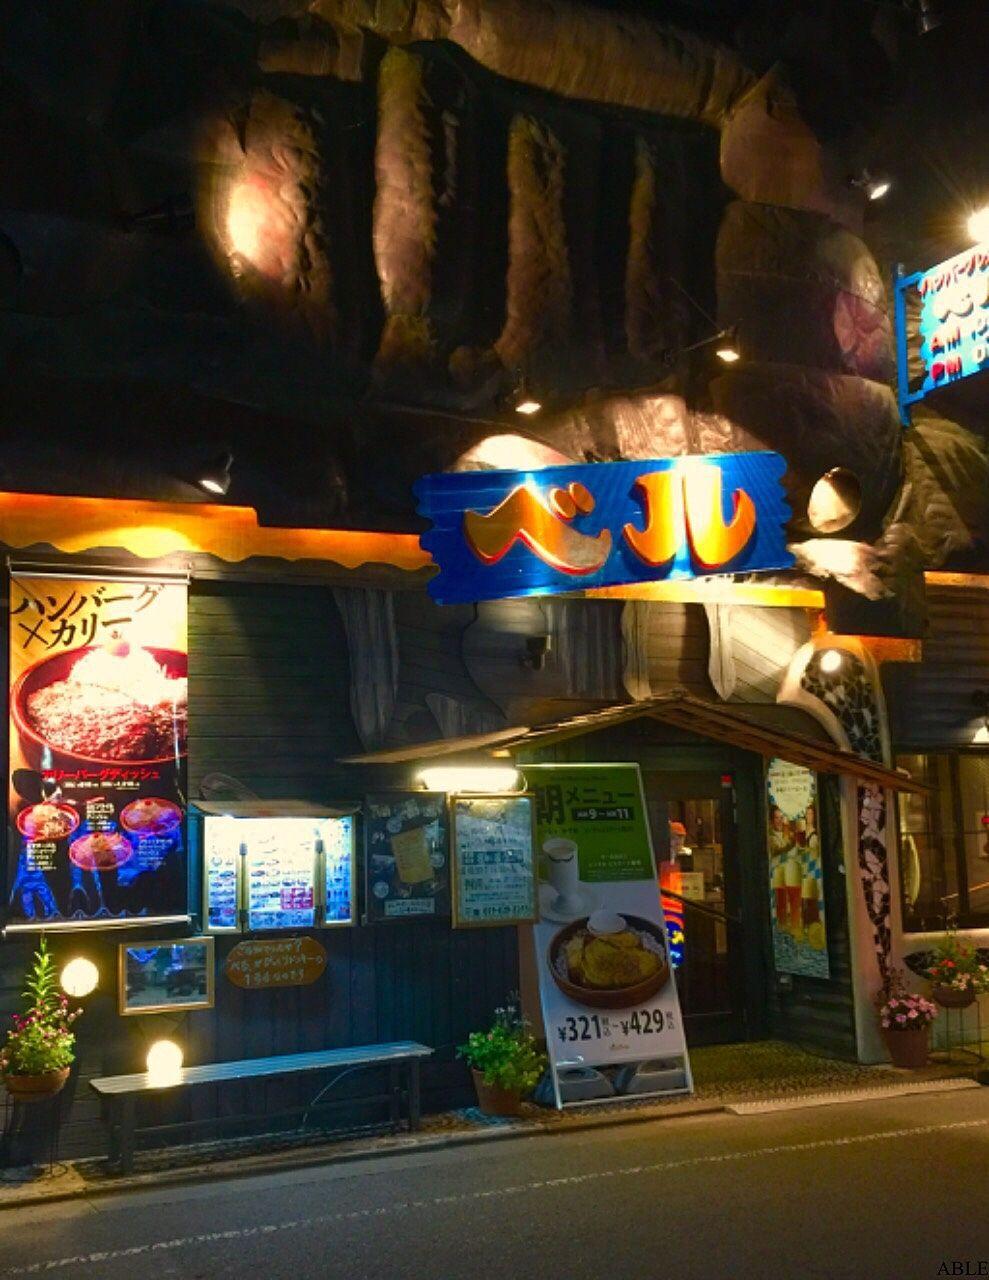 創業50年になるのですね、「ハンバーグレストラン ベル大通店」